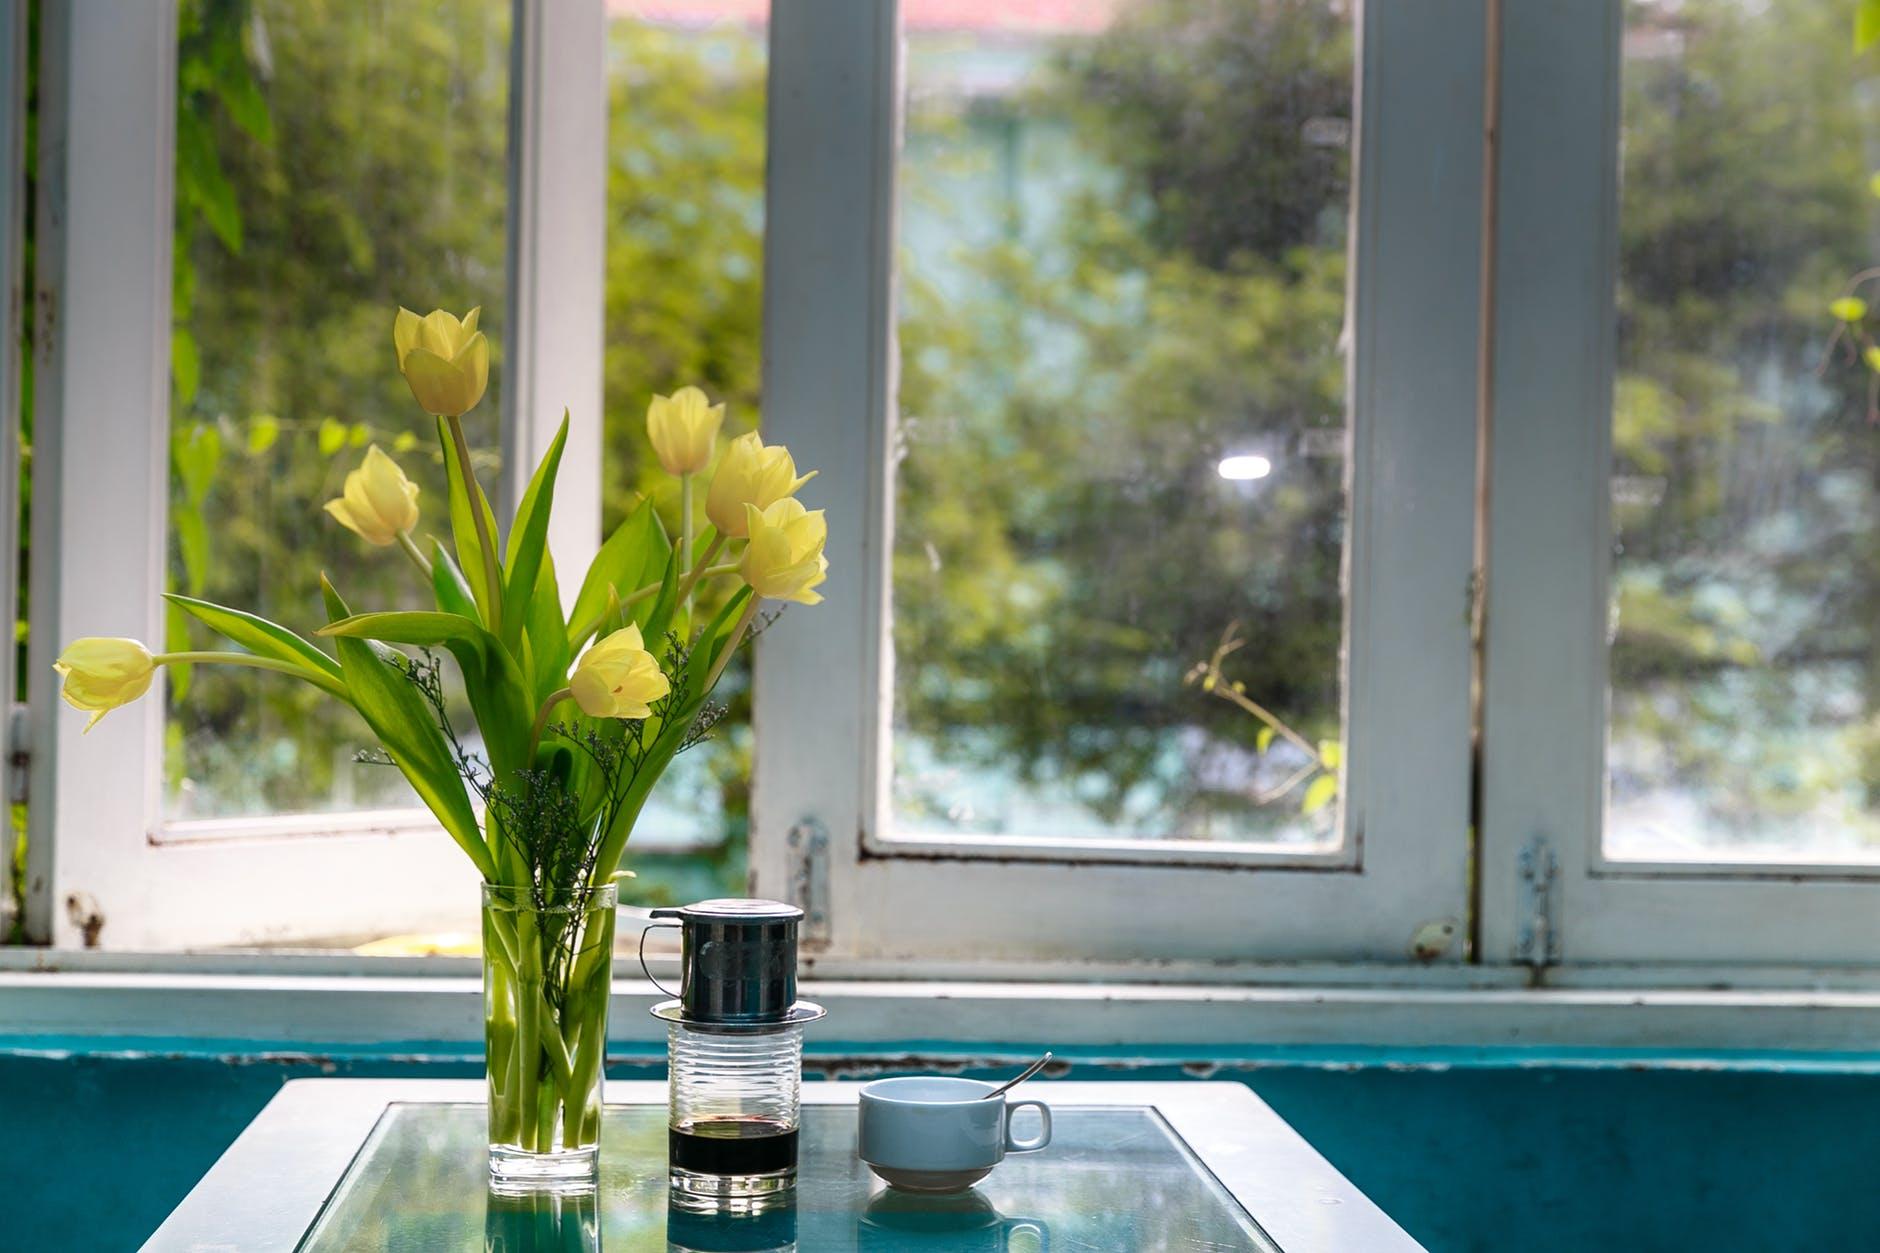 Як продовжити життя квітів у вазі: не жалійте води, підгодовуйте мінералкою та обрізайте стебла